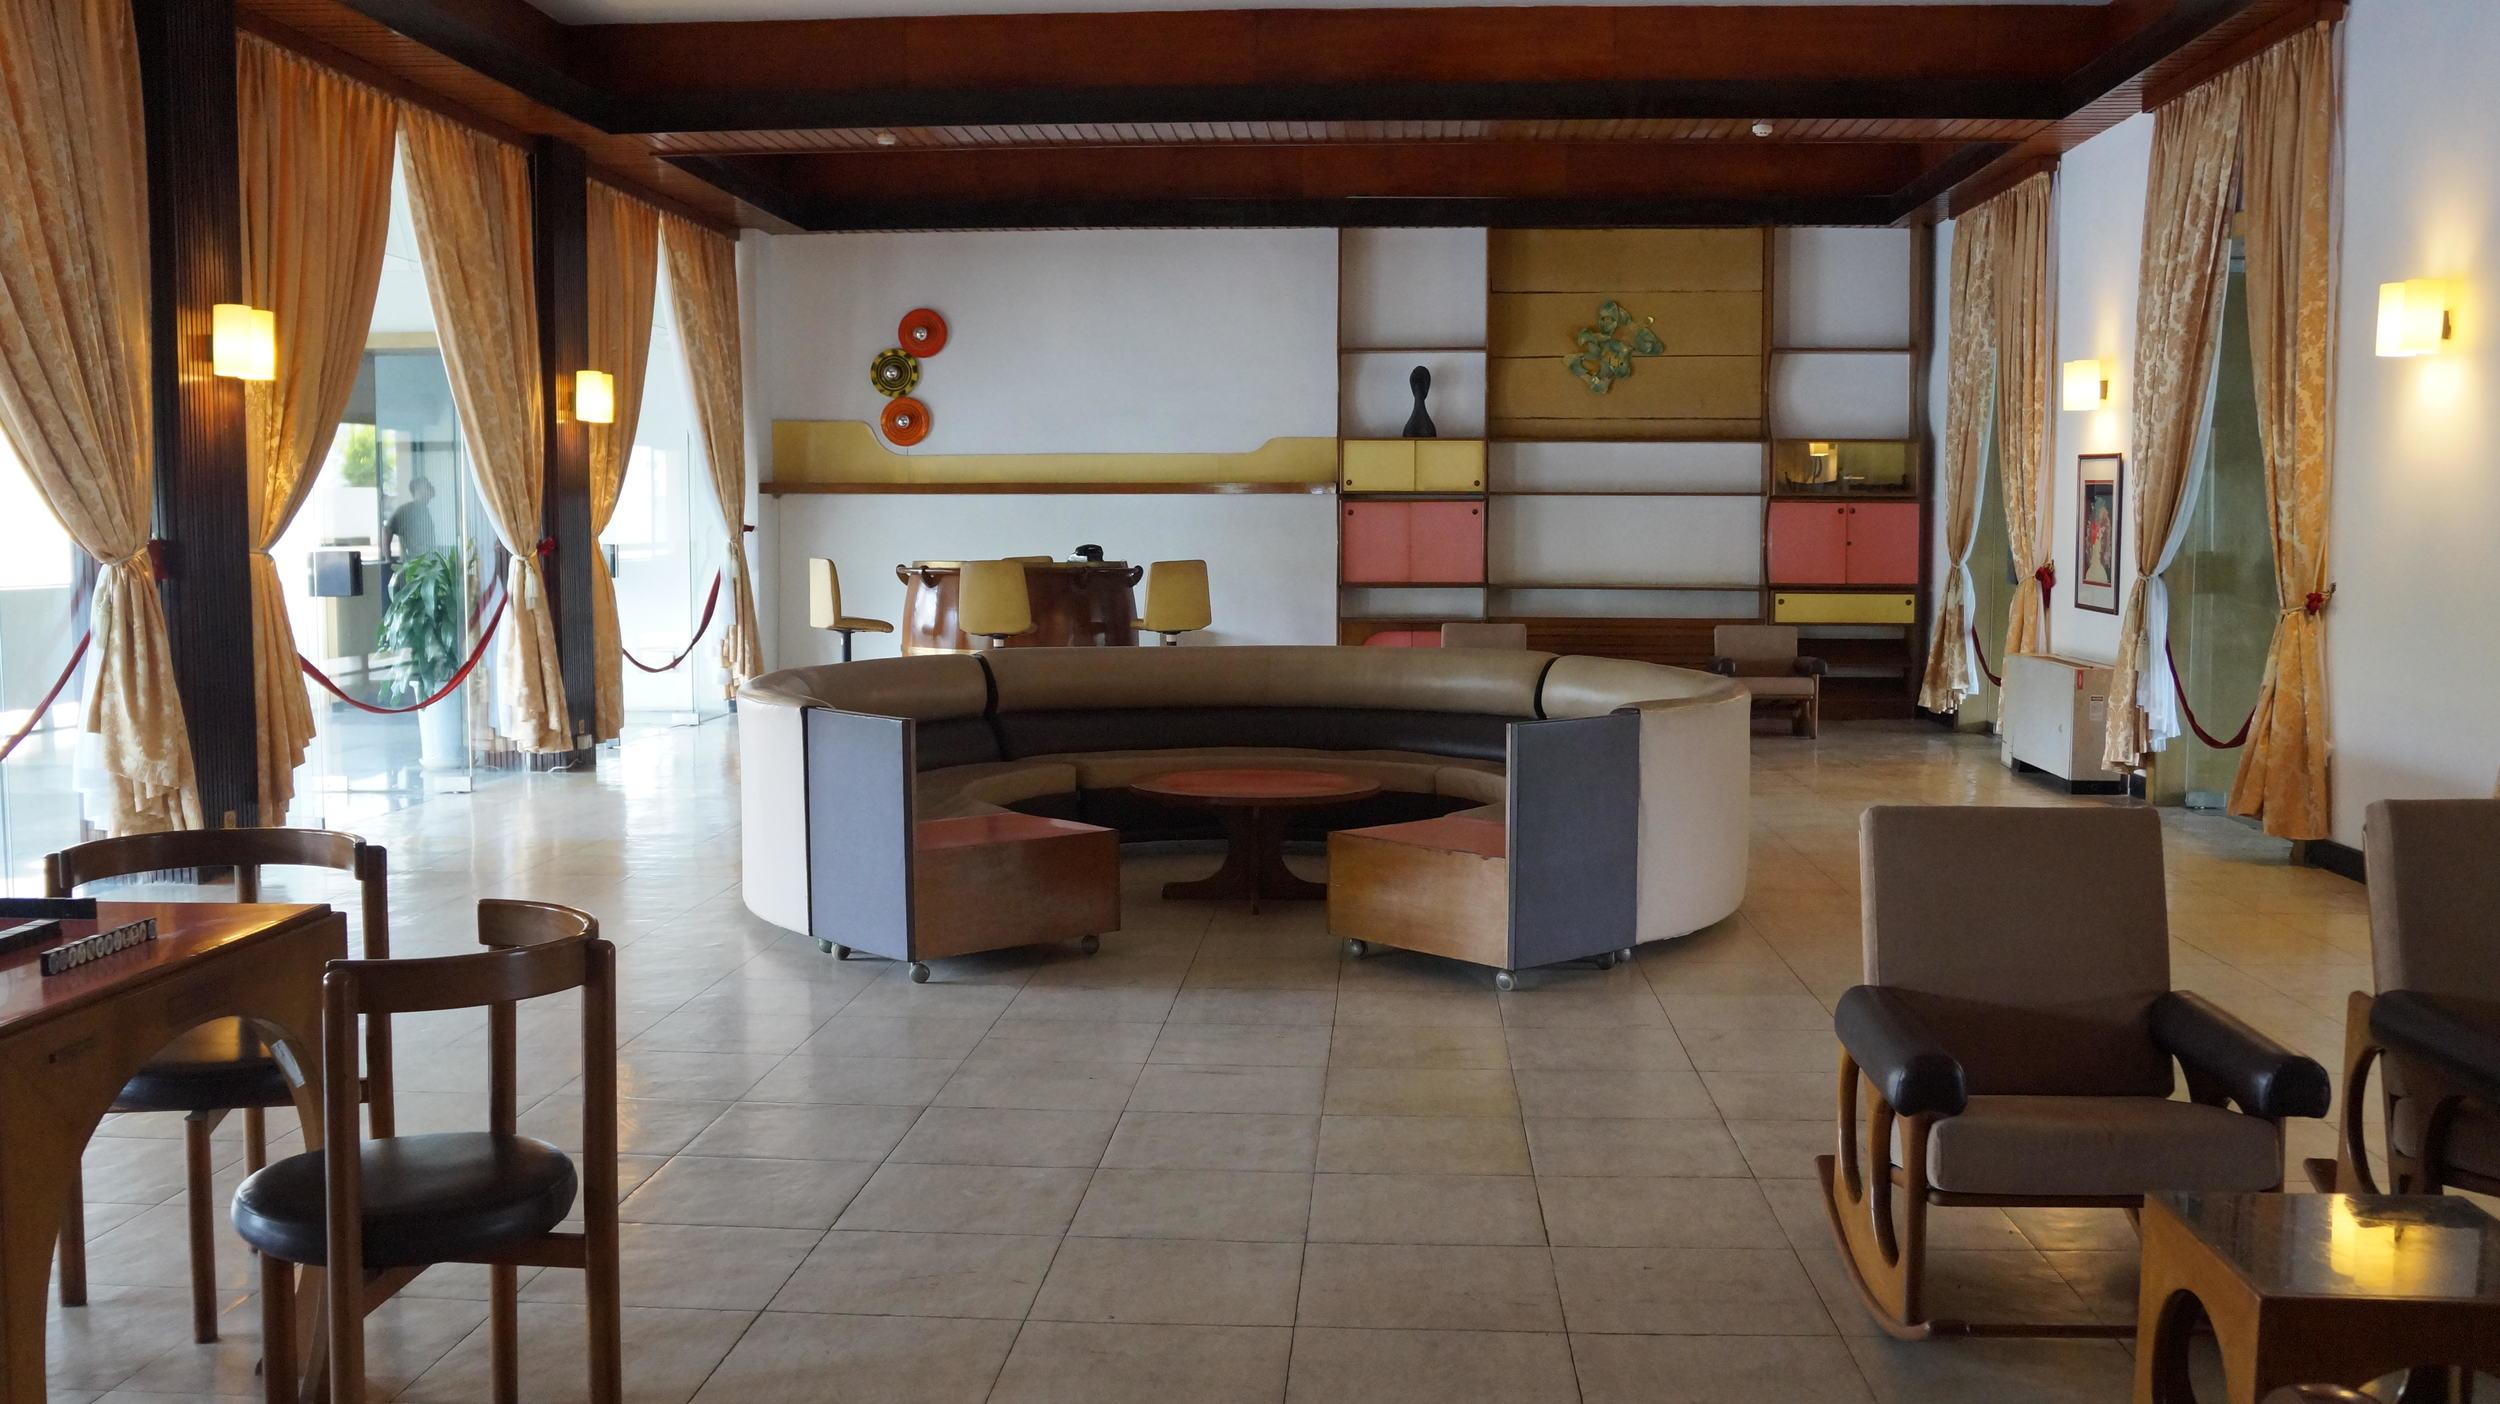 Decor in Saigon's Reunification Palace